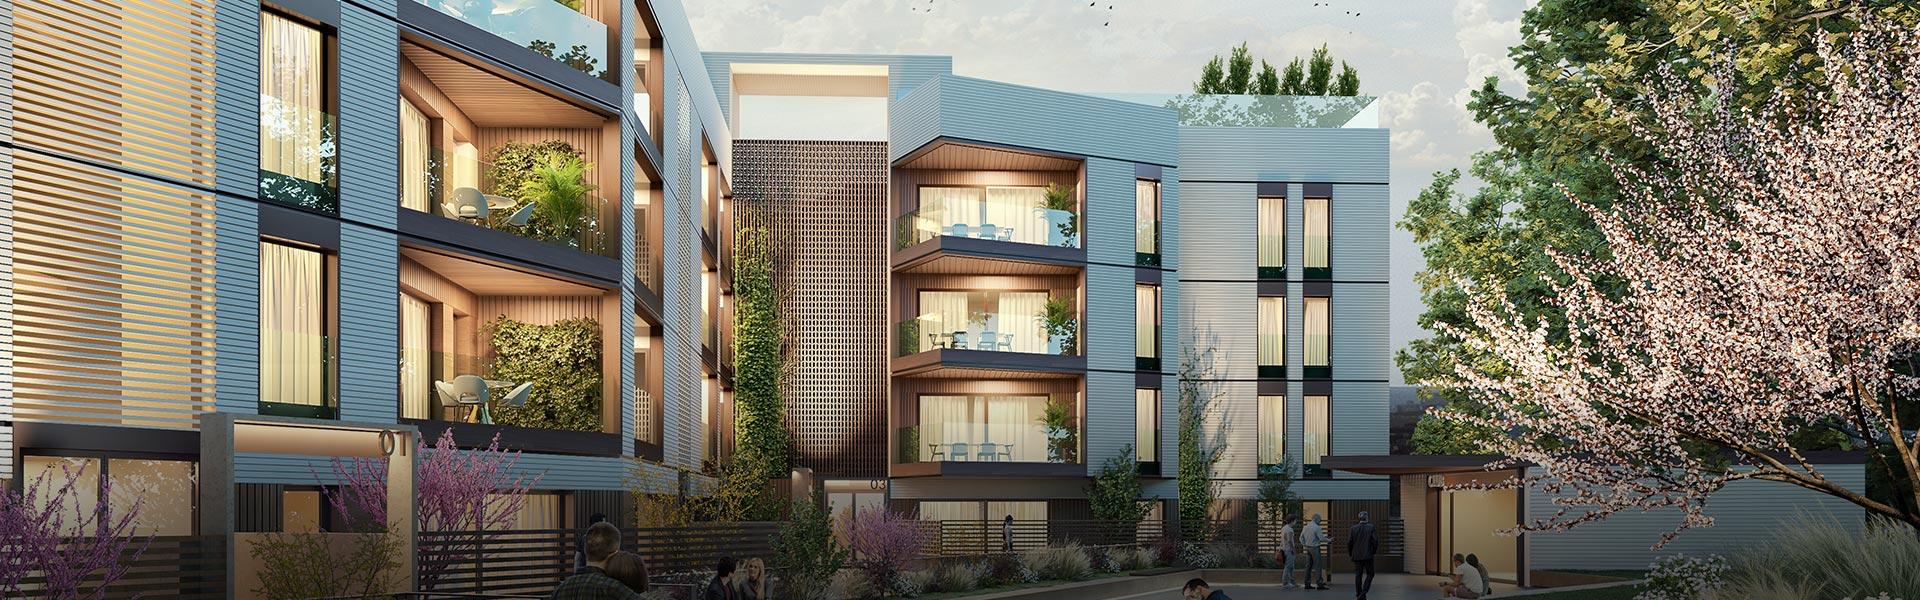 Promoción de viviendas de obra nueva en Nervión - La Buhaira - Sevilla Capital